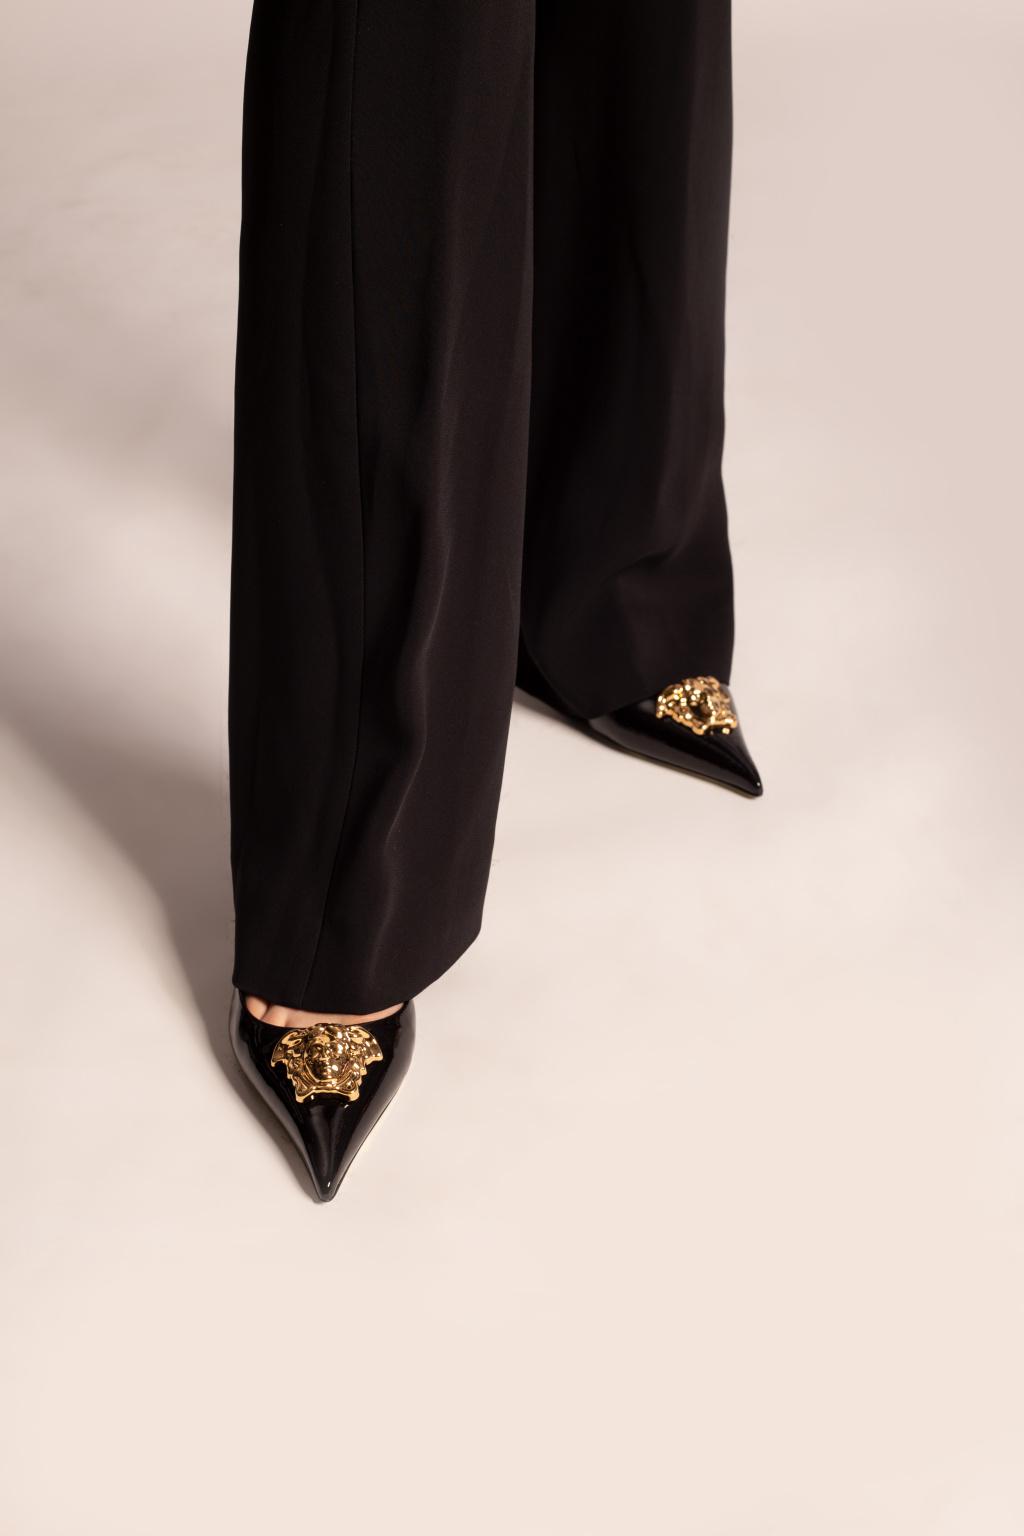 Versace Leather stiletto pumps